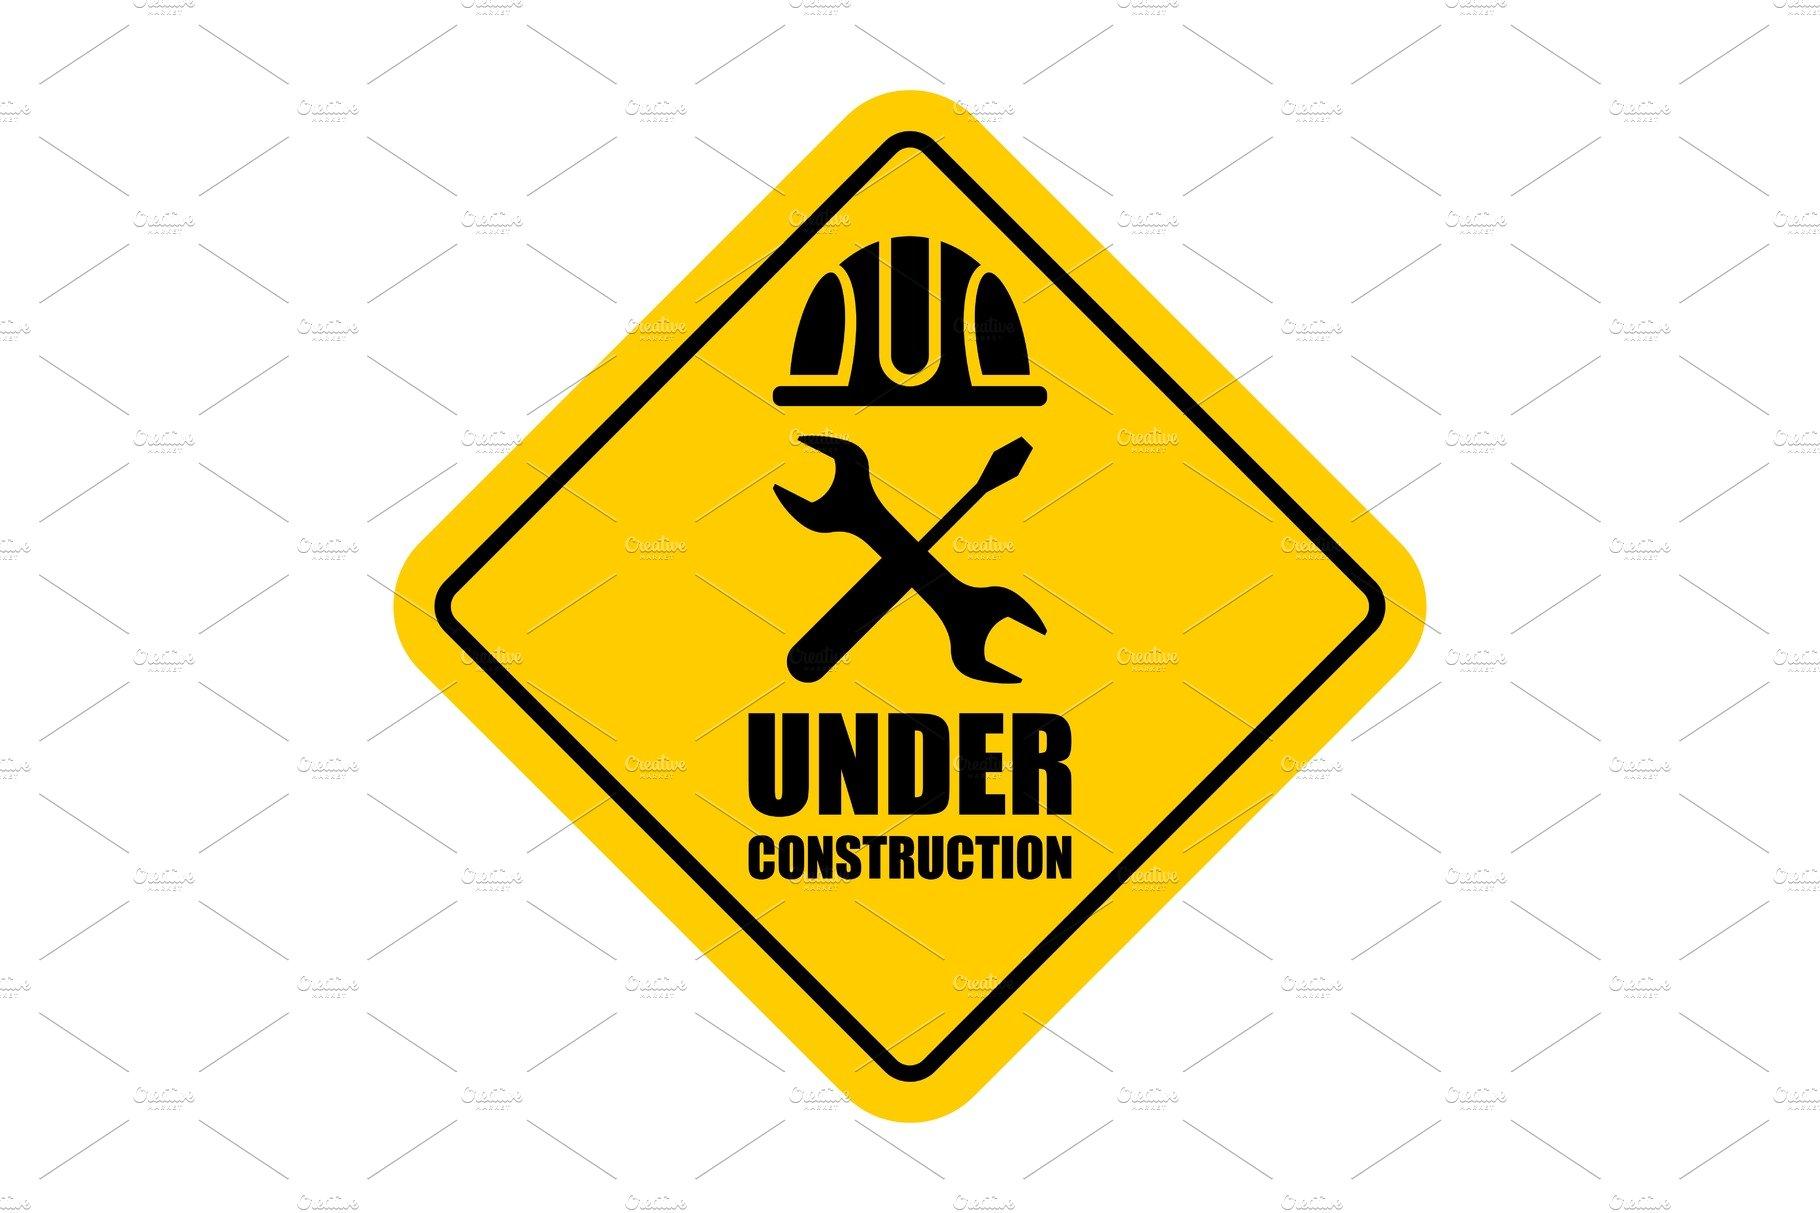 Warning sign under construction.